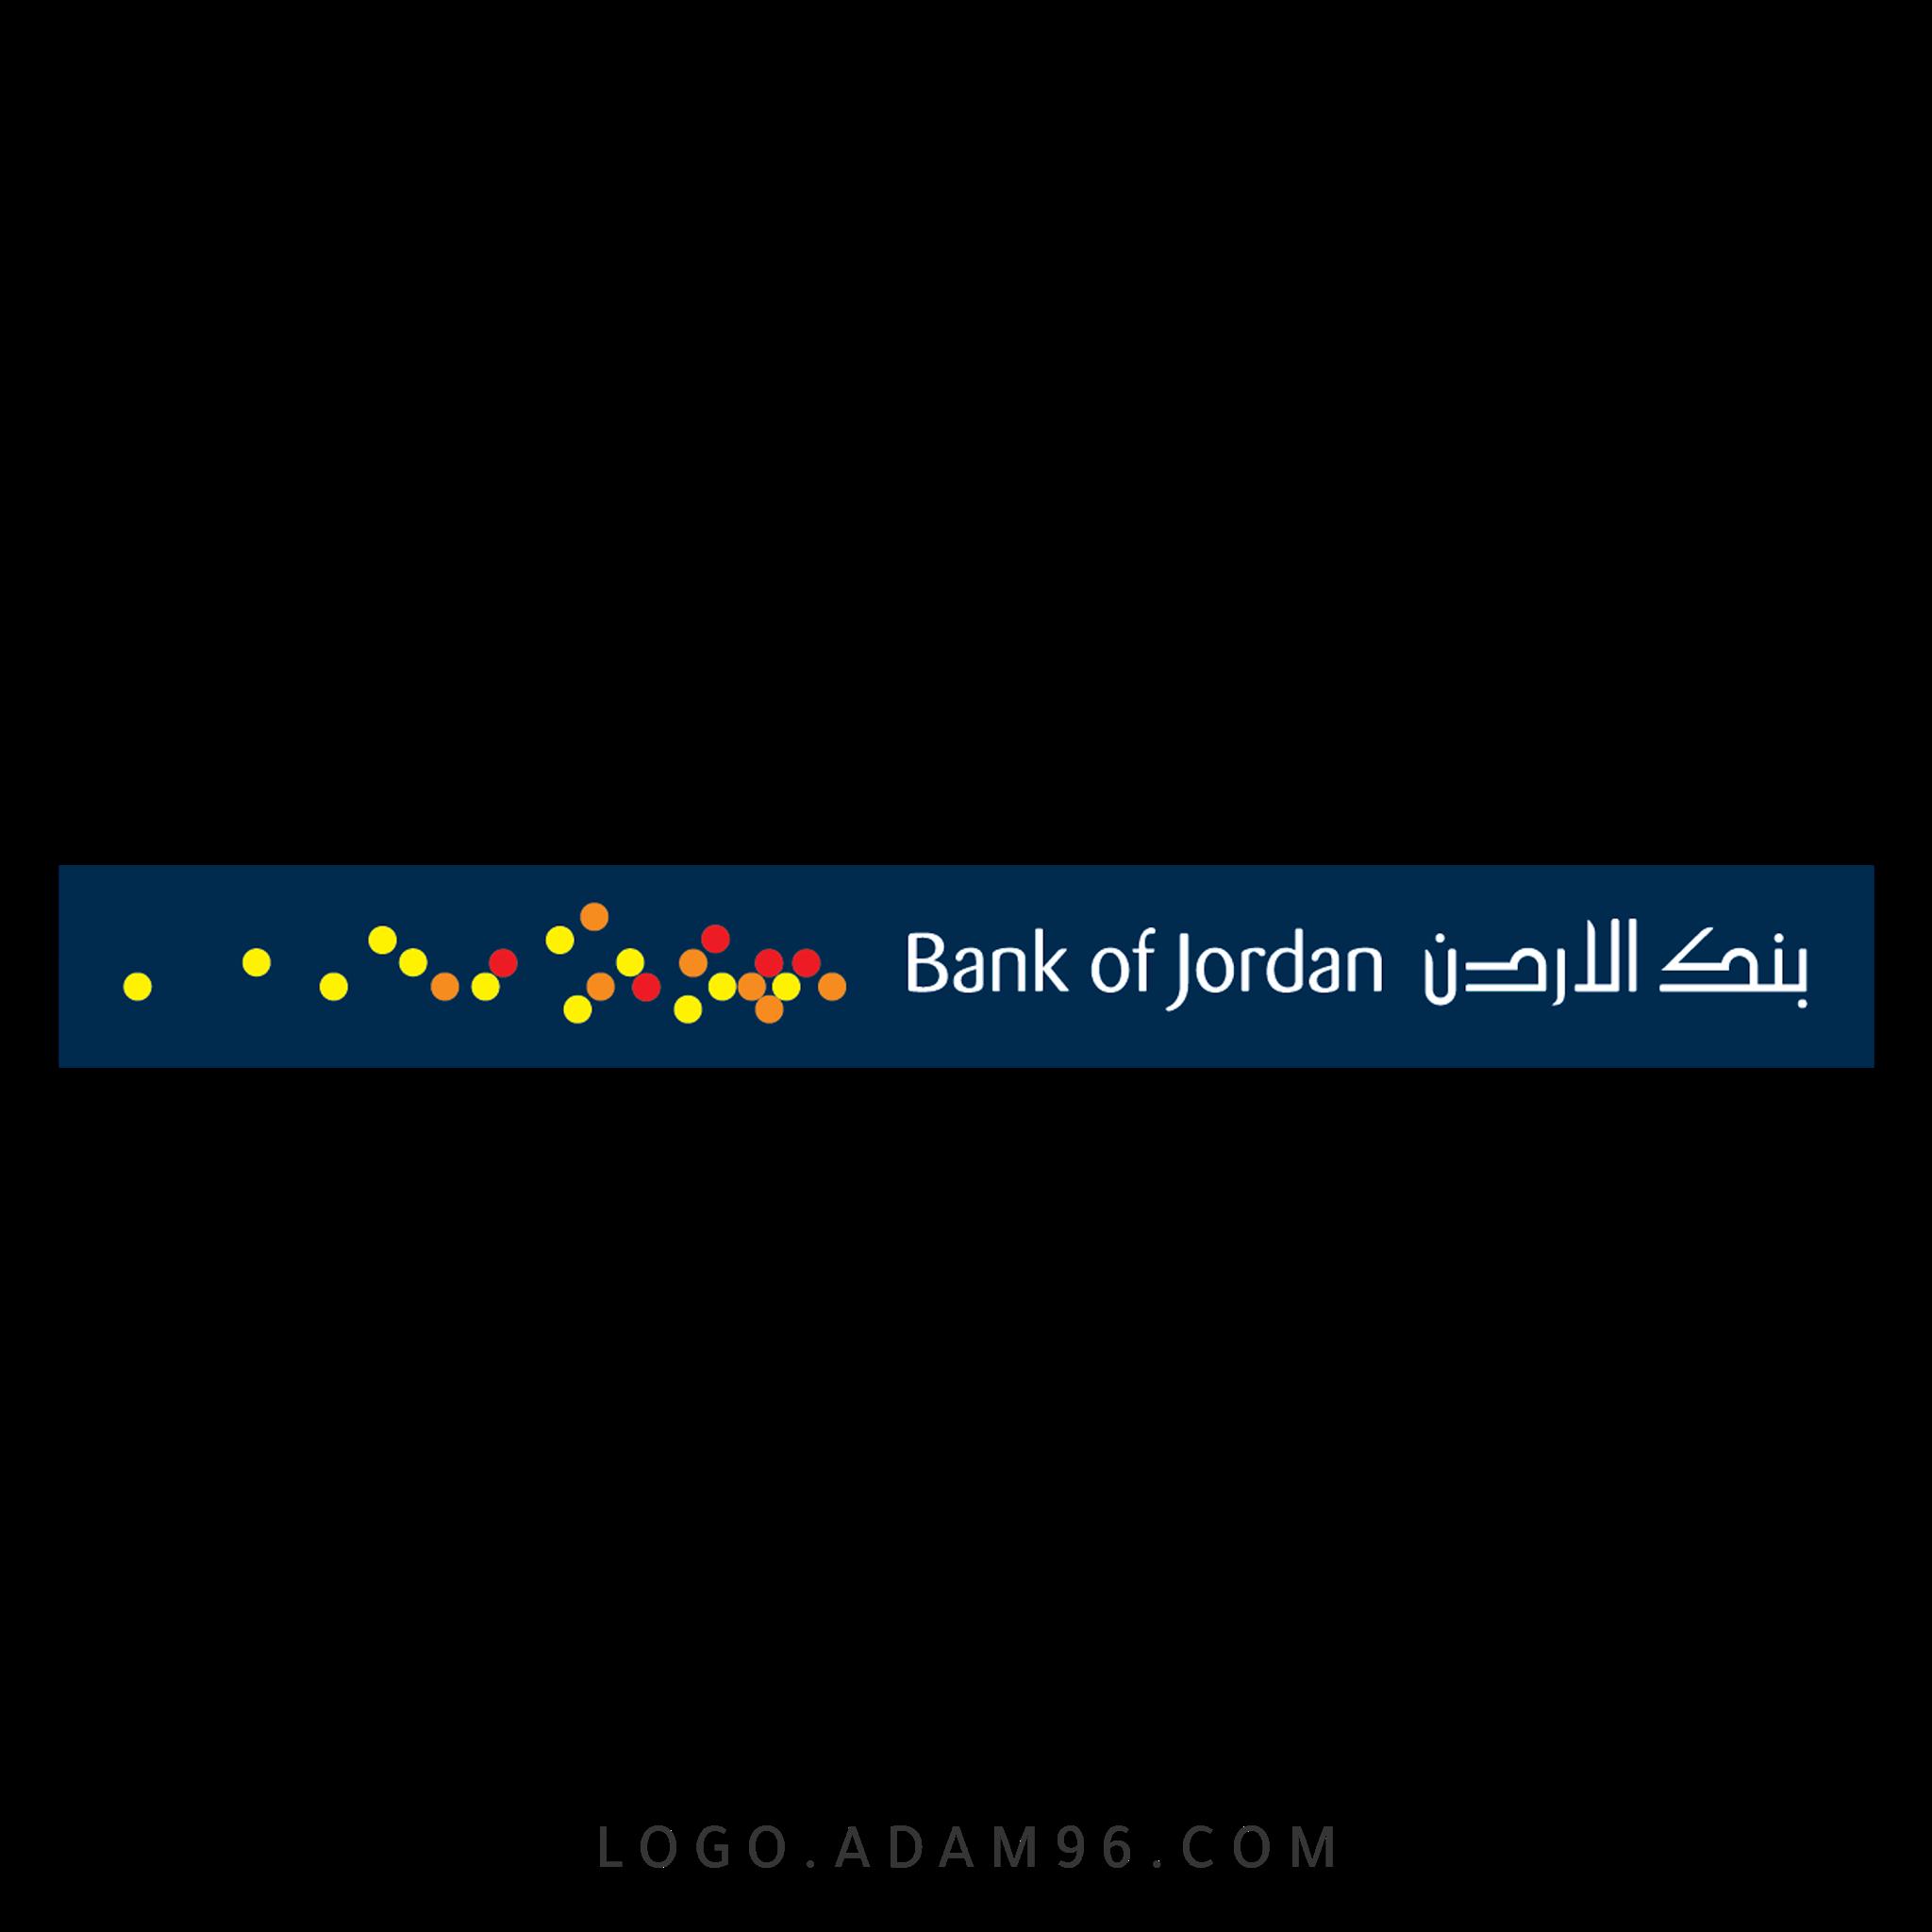 تحميل شعار بنك الاردن لوجو رسمي عالي الجودة PNG